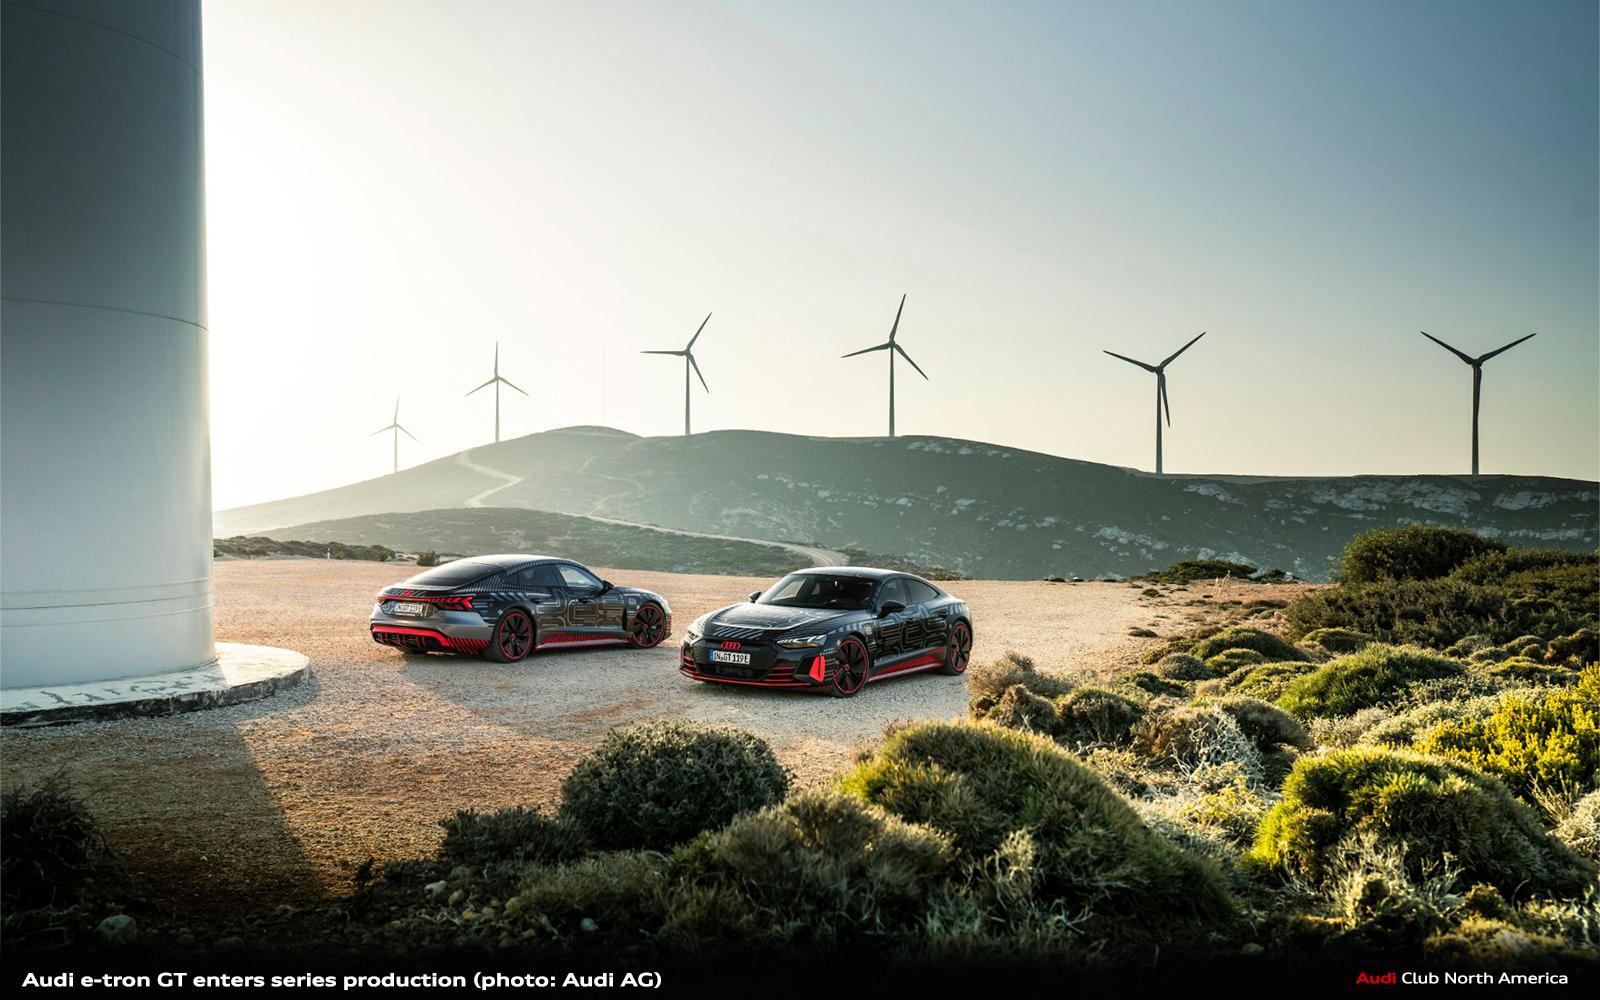 Audi e-tron GT Enters Series Production: Carbon-Neutral Production Begins at the Böllinger Höfe